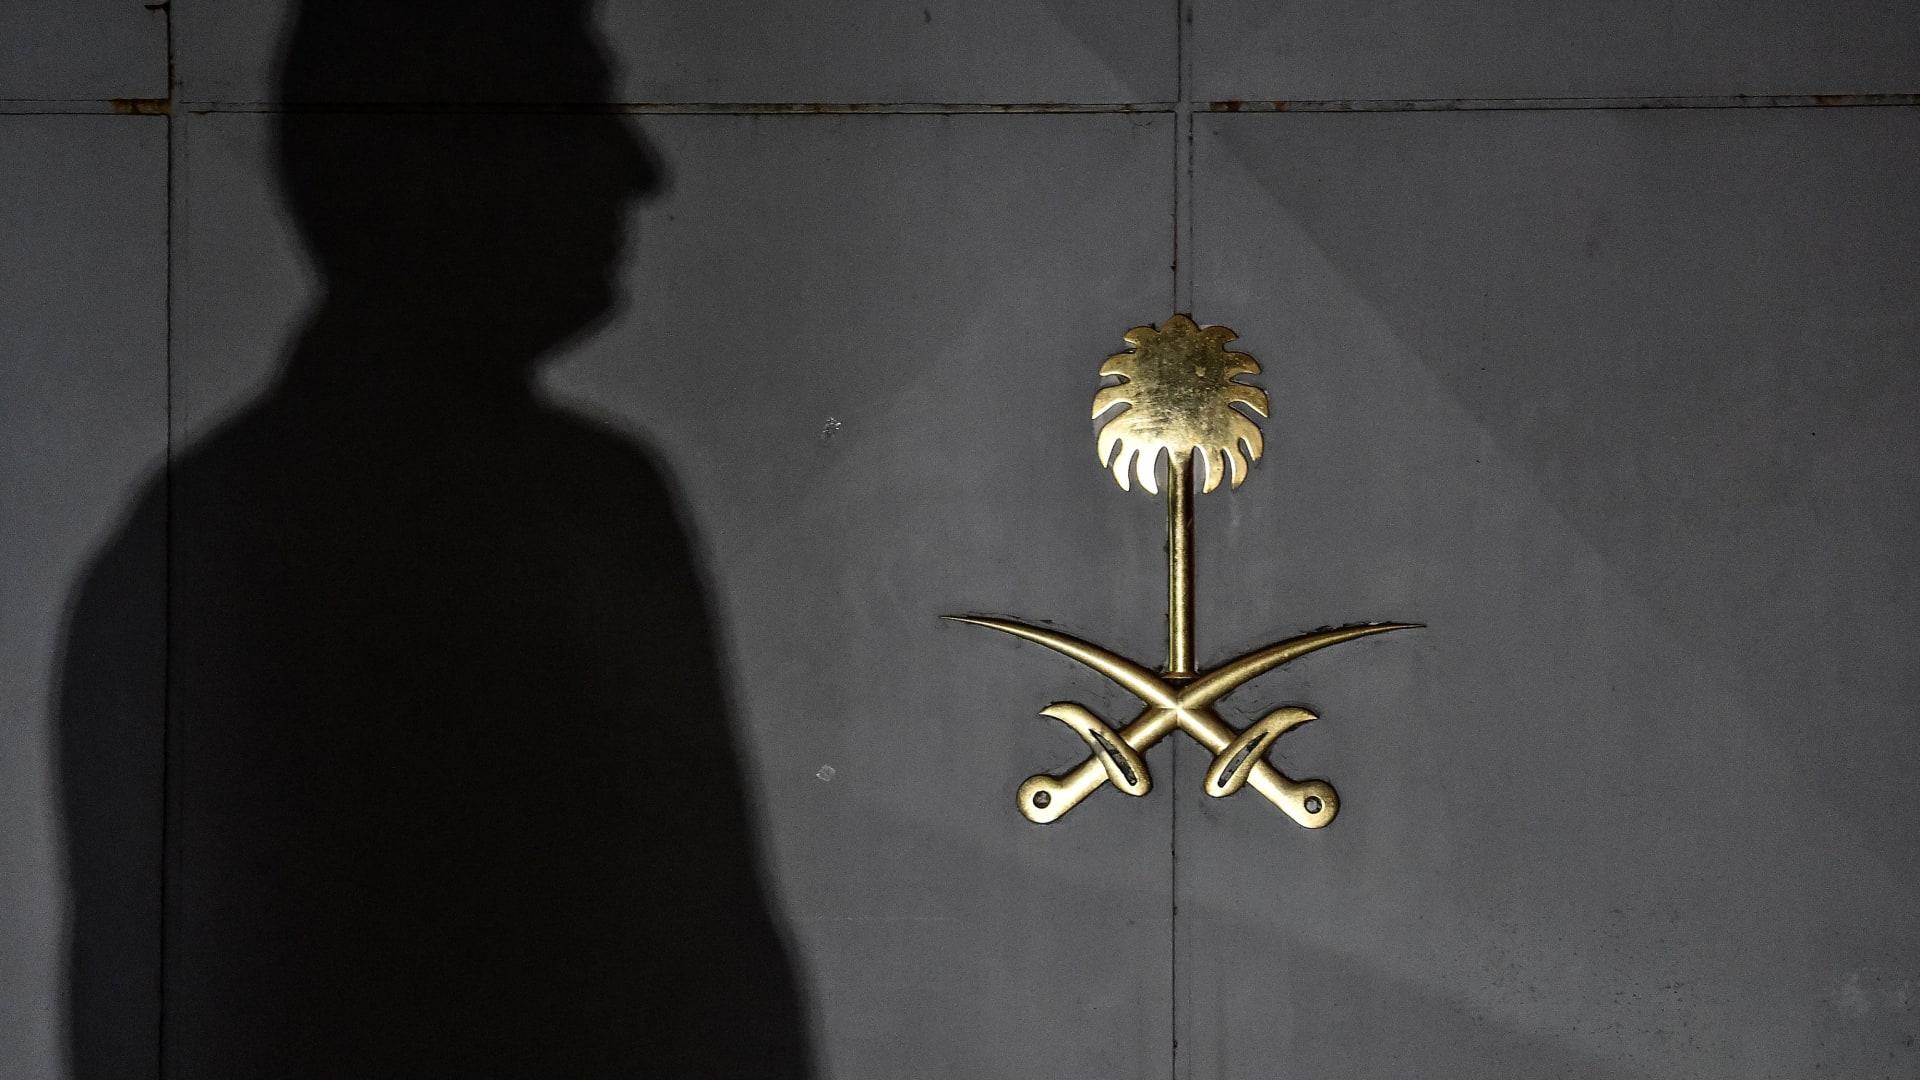 أمريكا: سيتم سحب تأشيرات الدخول من 21 سعوديا يُشتبه بضلوعهم بقتل خاشقجي